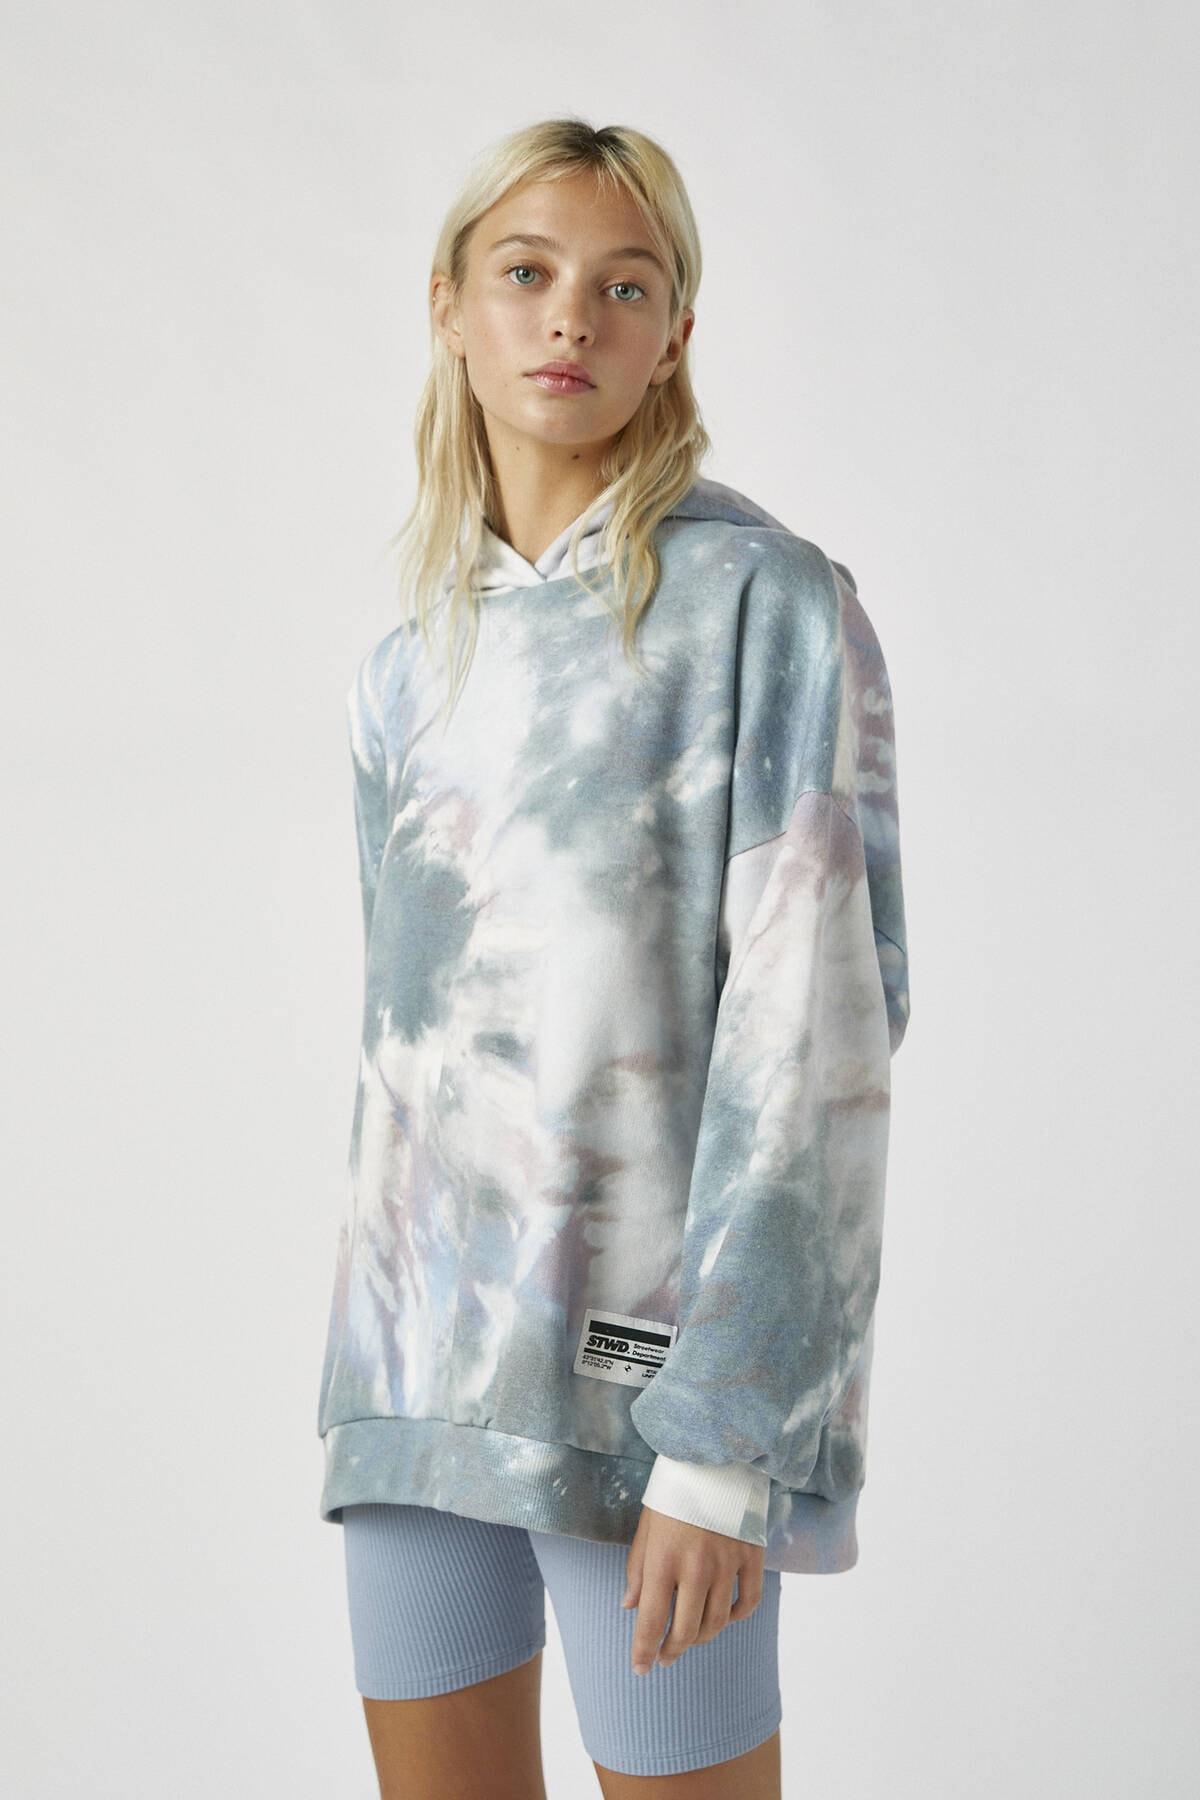 Pull & Bear Kadın Renkli İşlemeli Etiketli Batik Kapüşonlu Sweatshirt 09594320 0